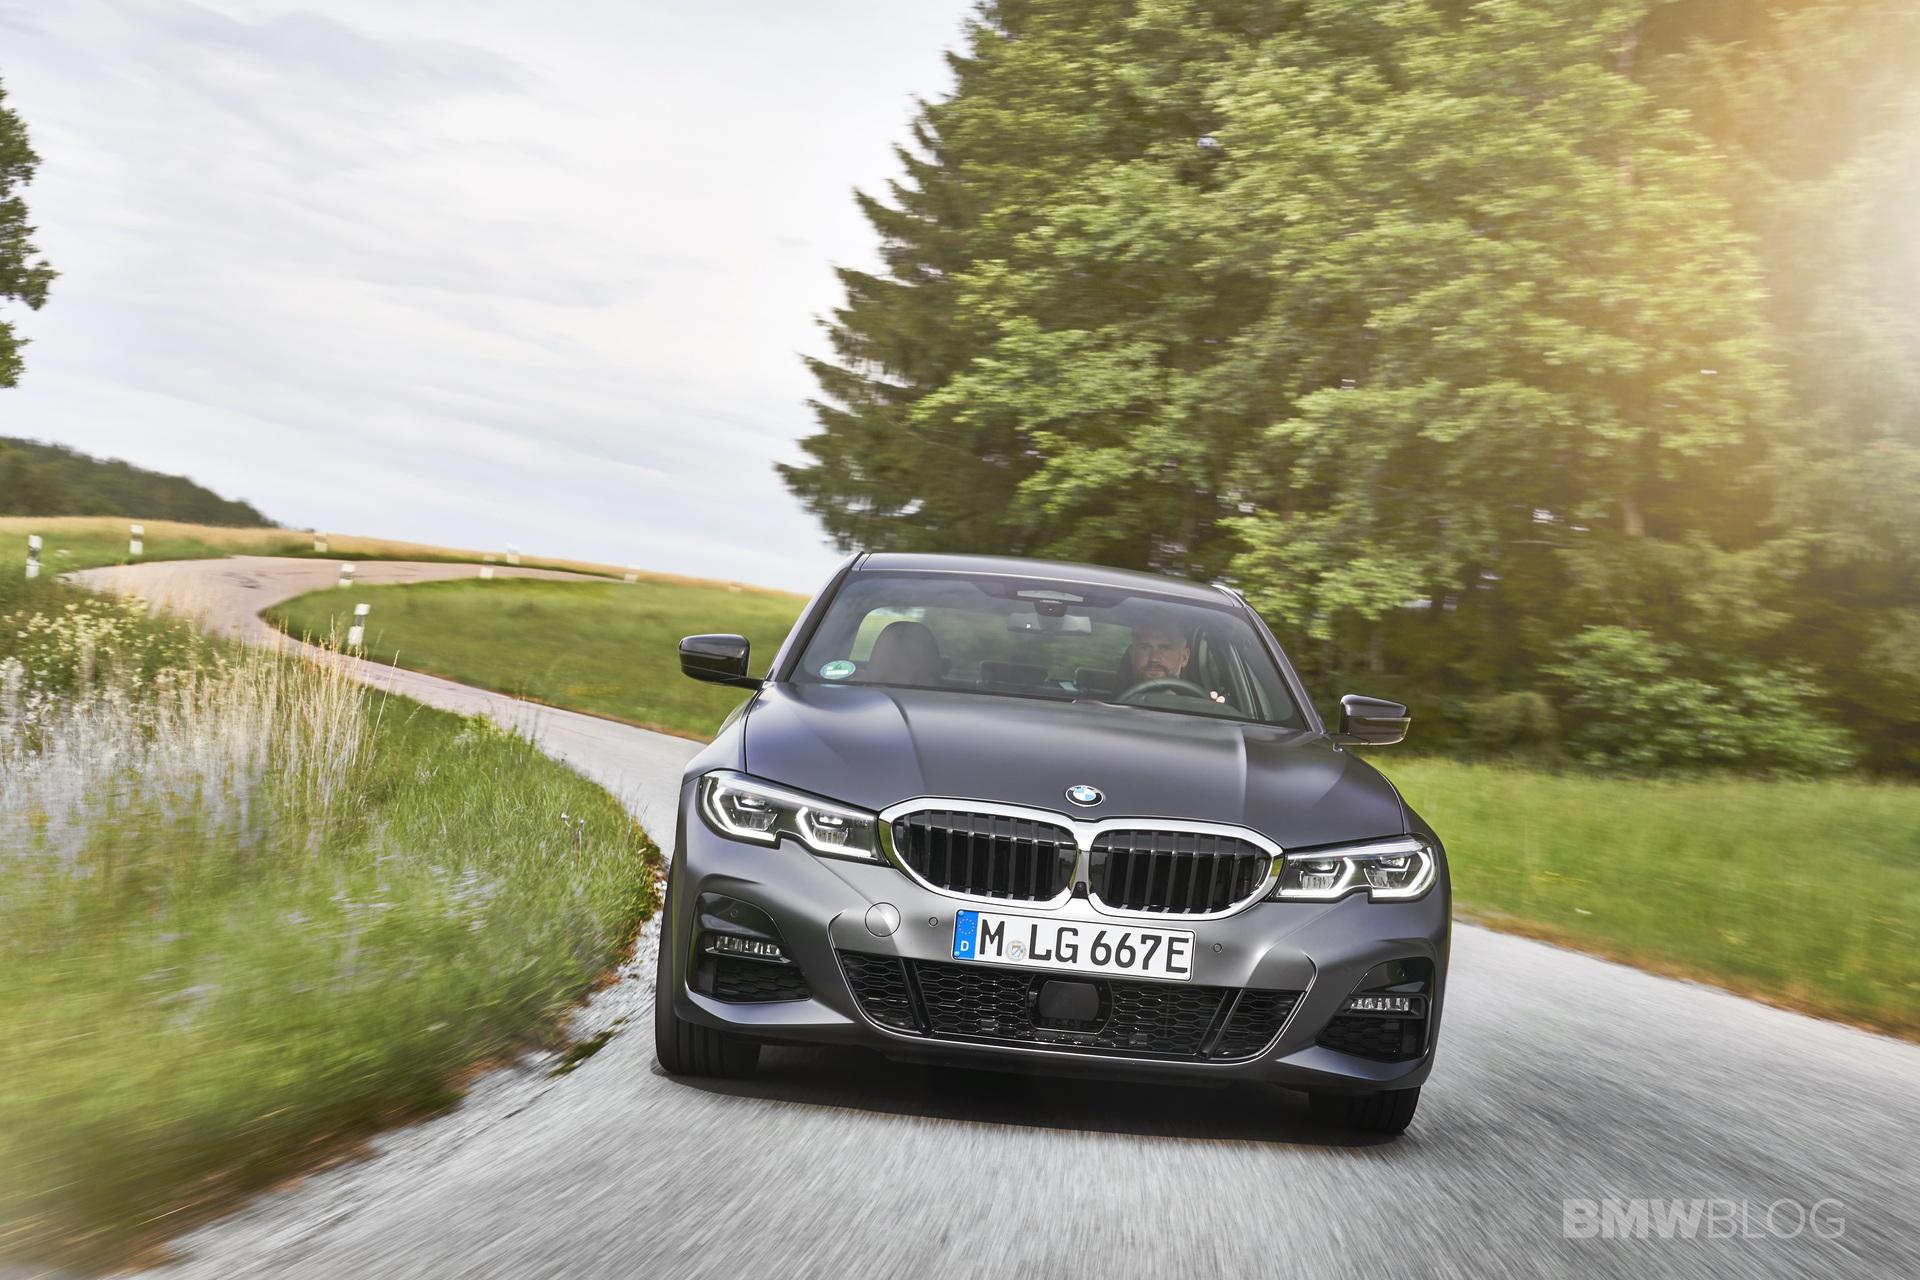 TEST DRIVE: 2019 BMW 330e Plug-In Hybrid